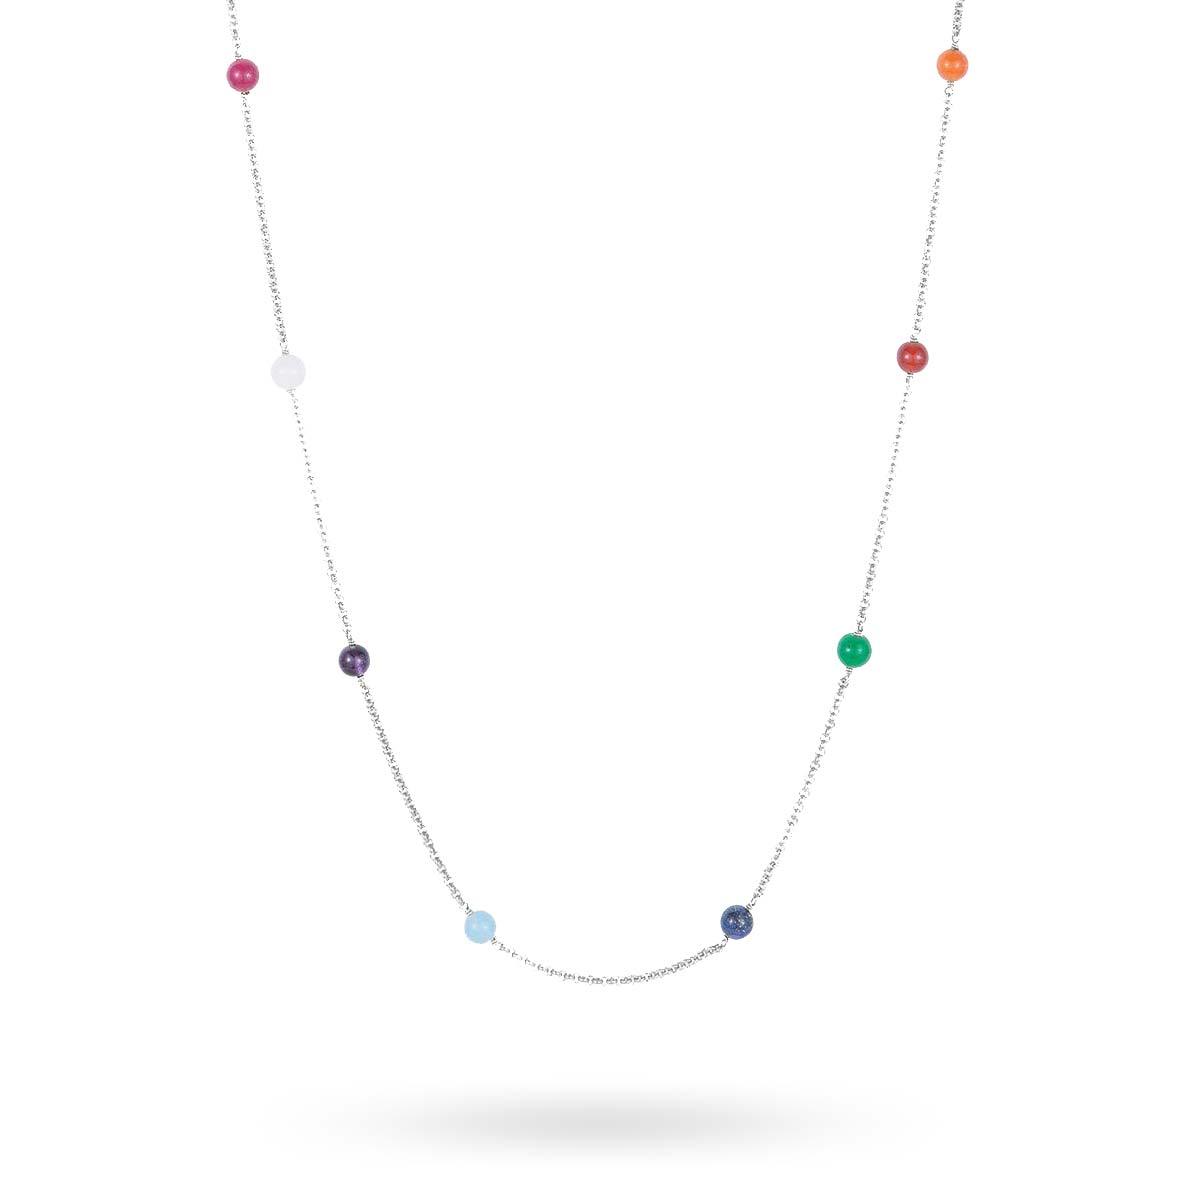 sophiebysophie-childhood-halsband-silver-1